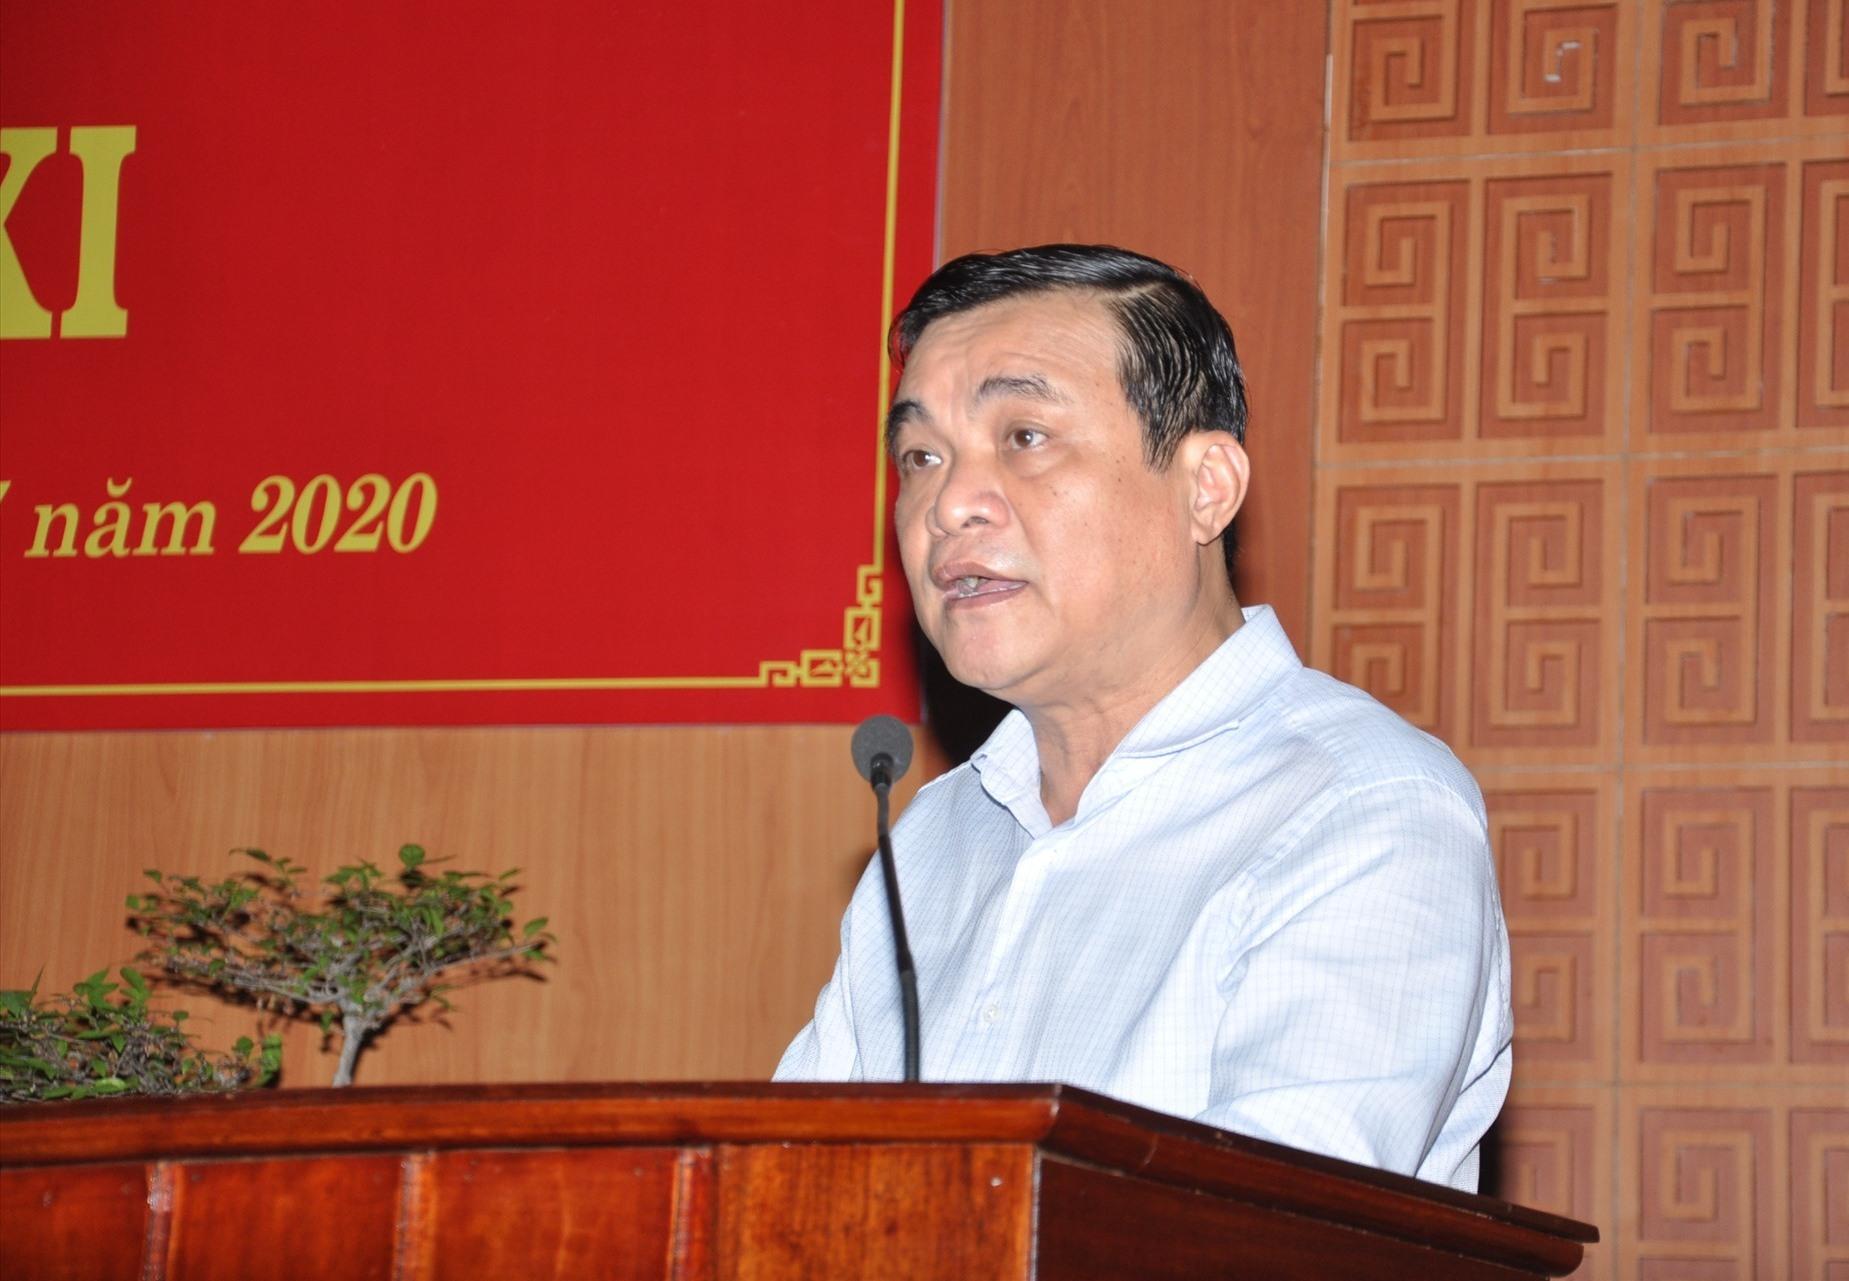 Bí thư Tỉnh ủy Phan Việt Cường phát biểu khai mạc hội nghị. Ảnh: X.P